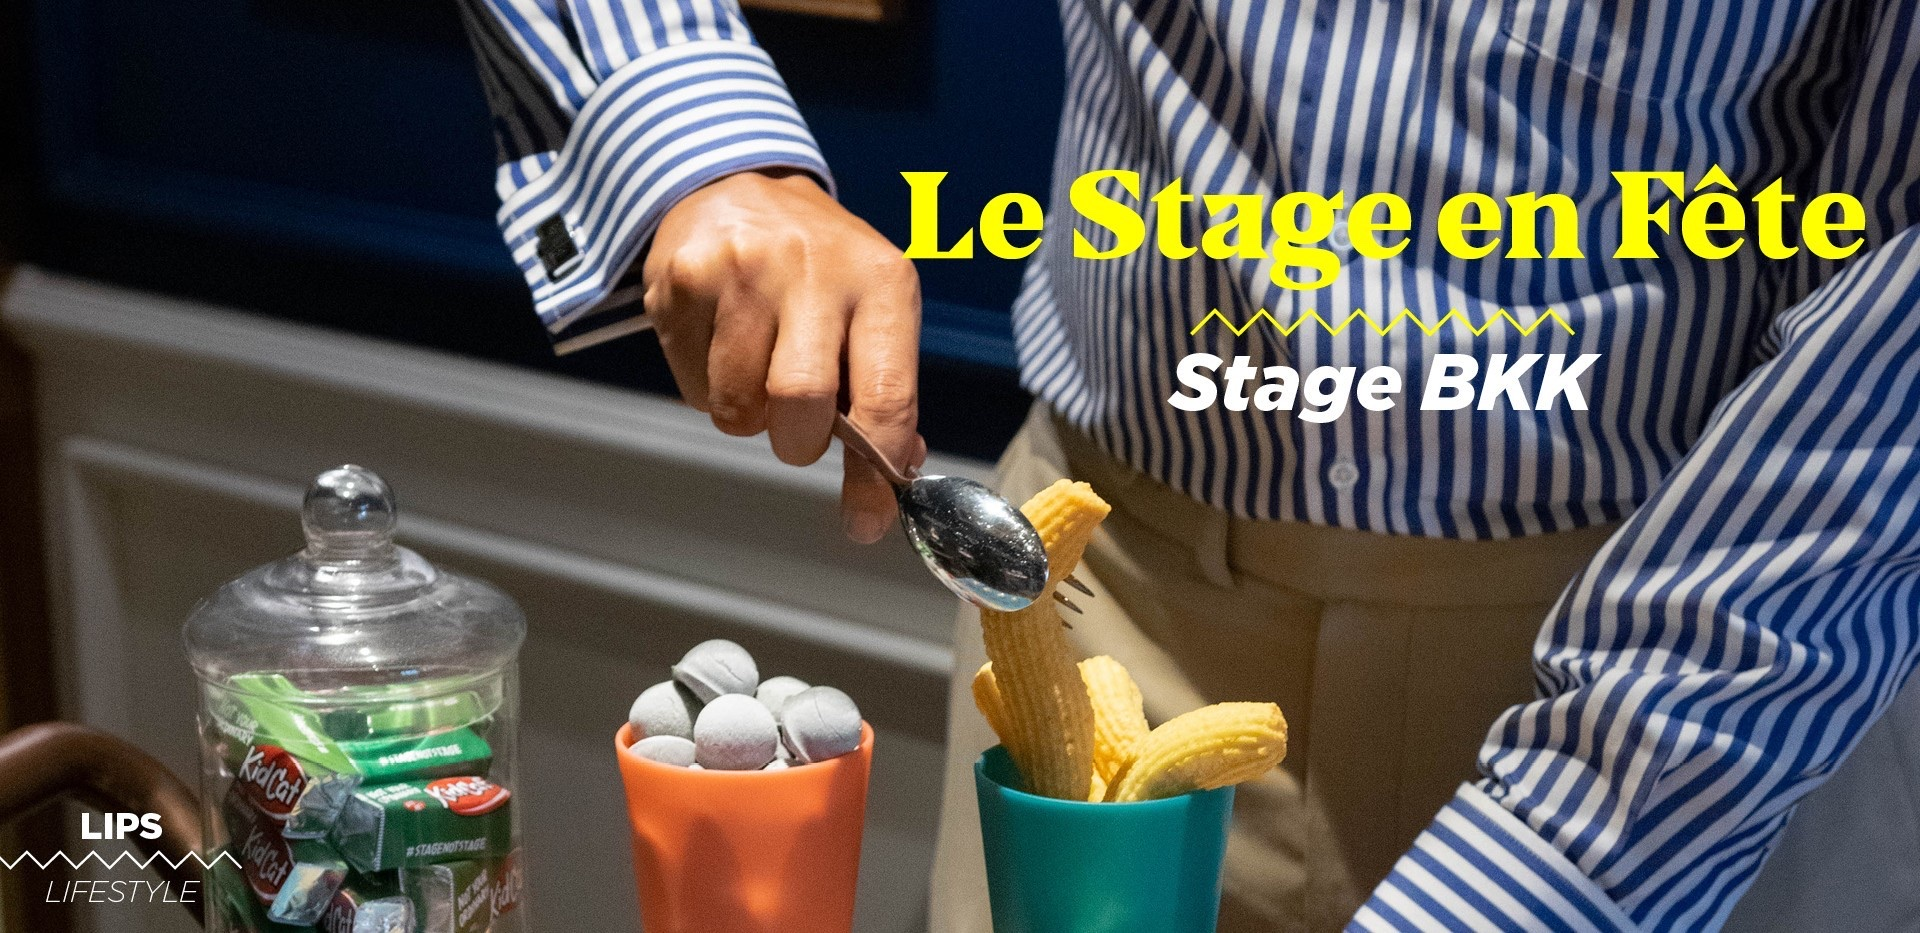 Le Stage en Fête